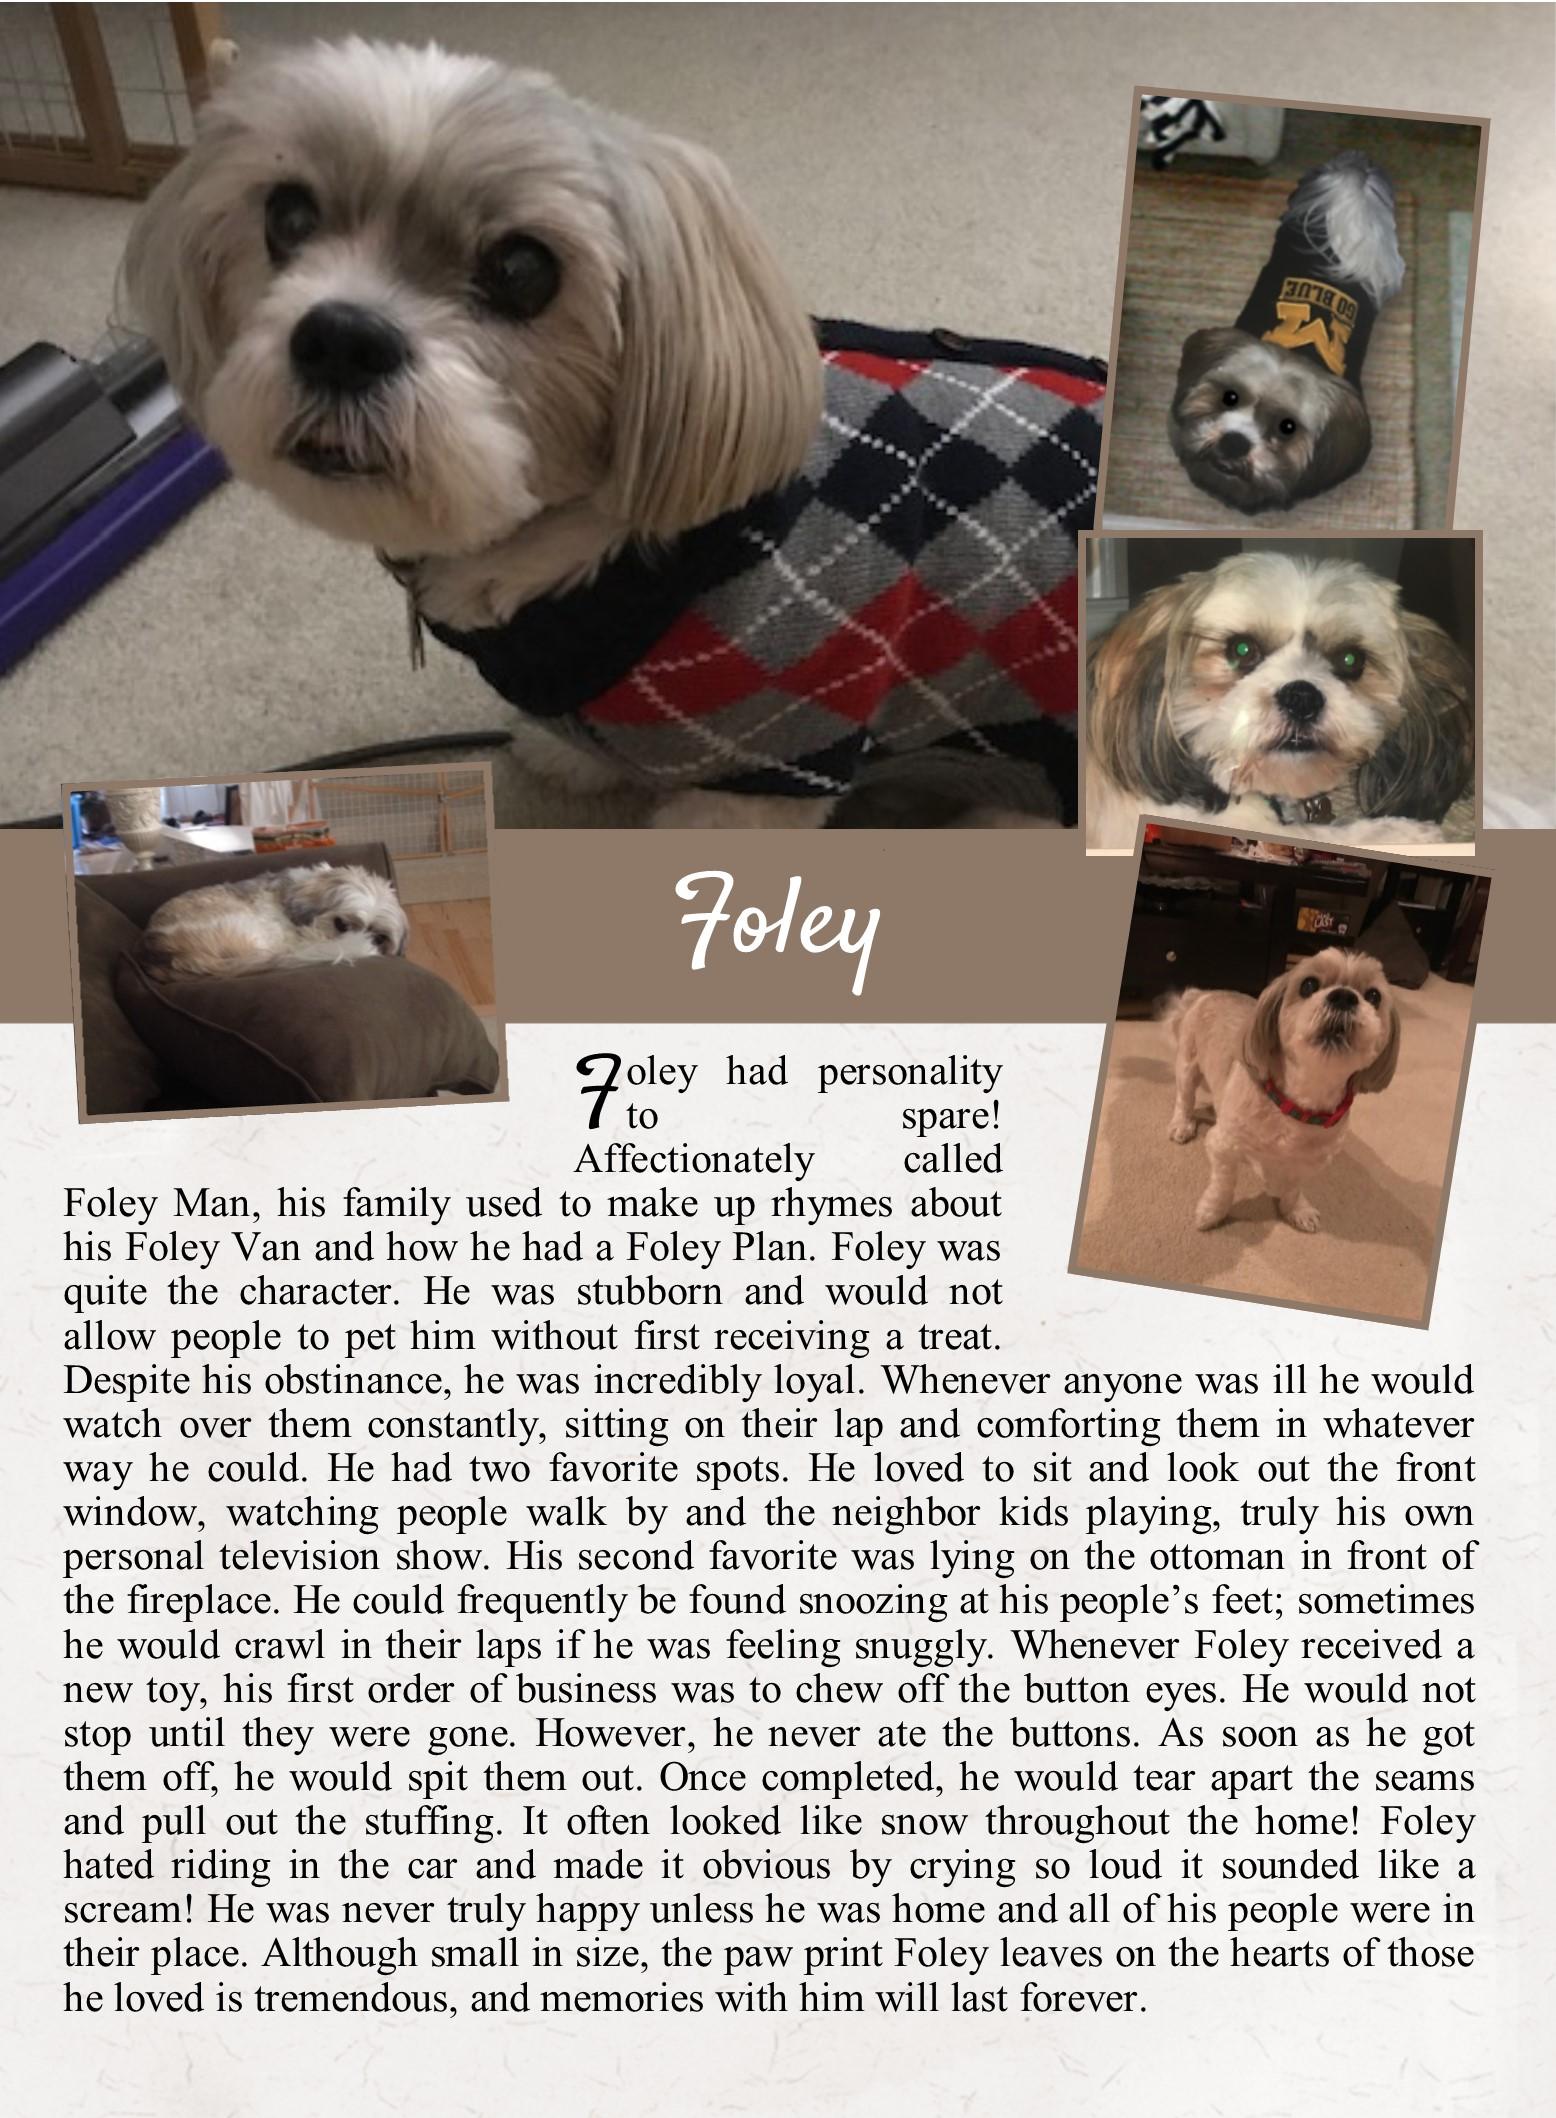 Foley's Life Tail